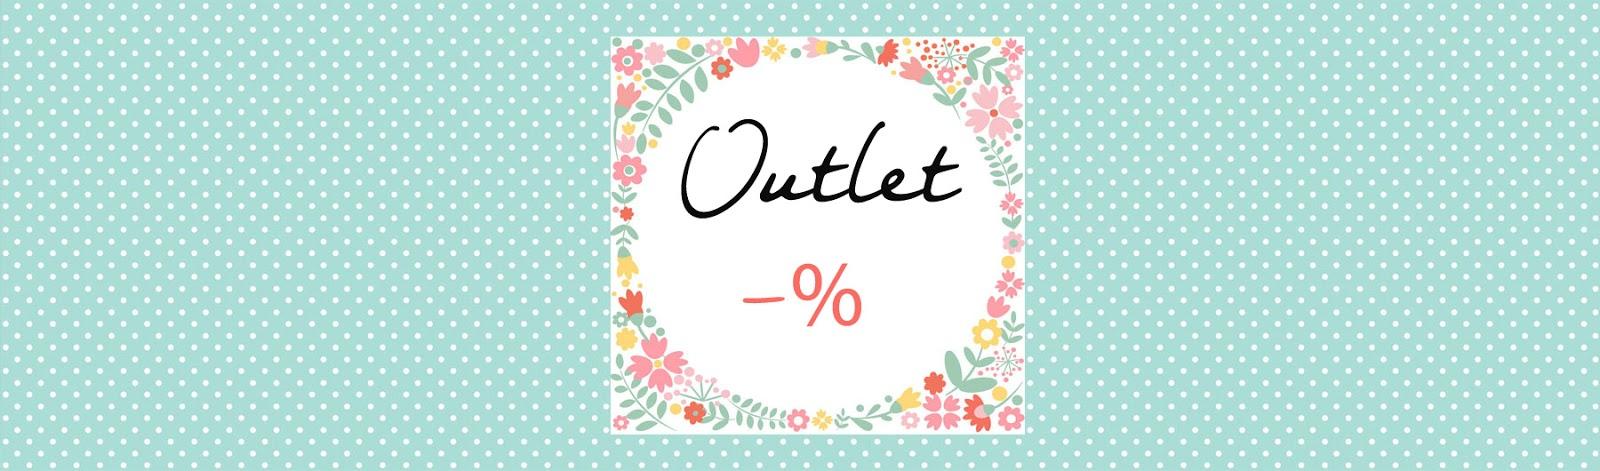 Outlet de decoracion cheap algunas ideas para decorar un for Decoracion hogar outlet